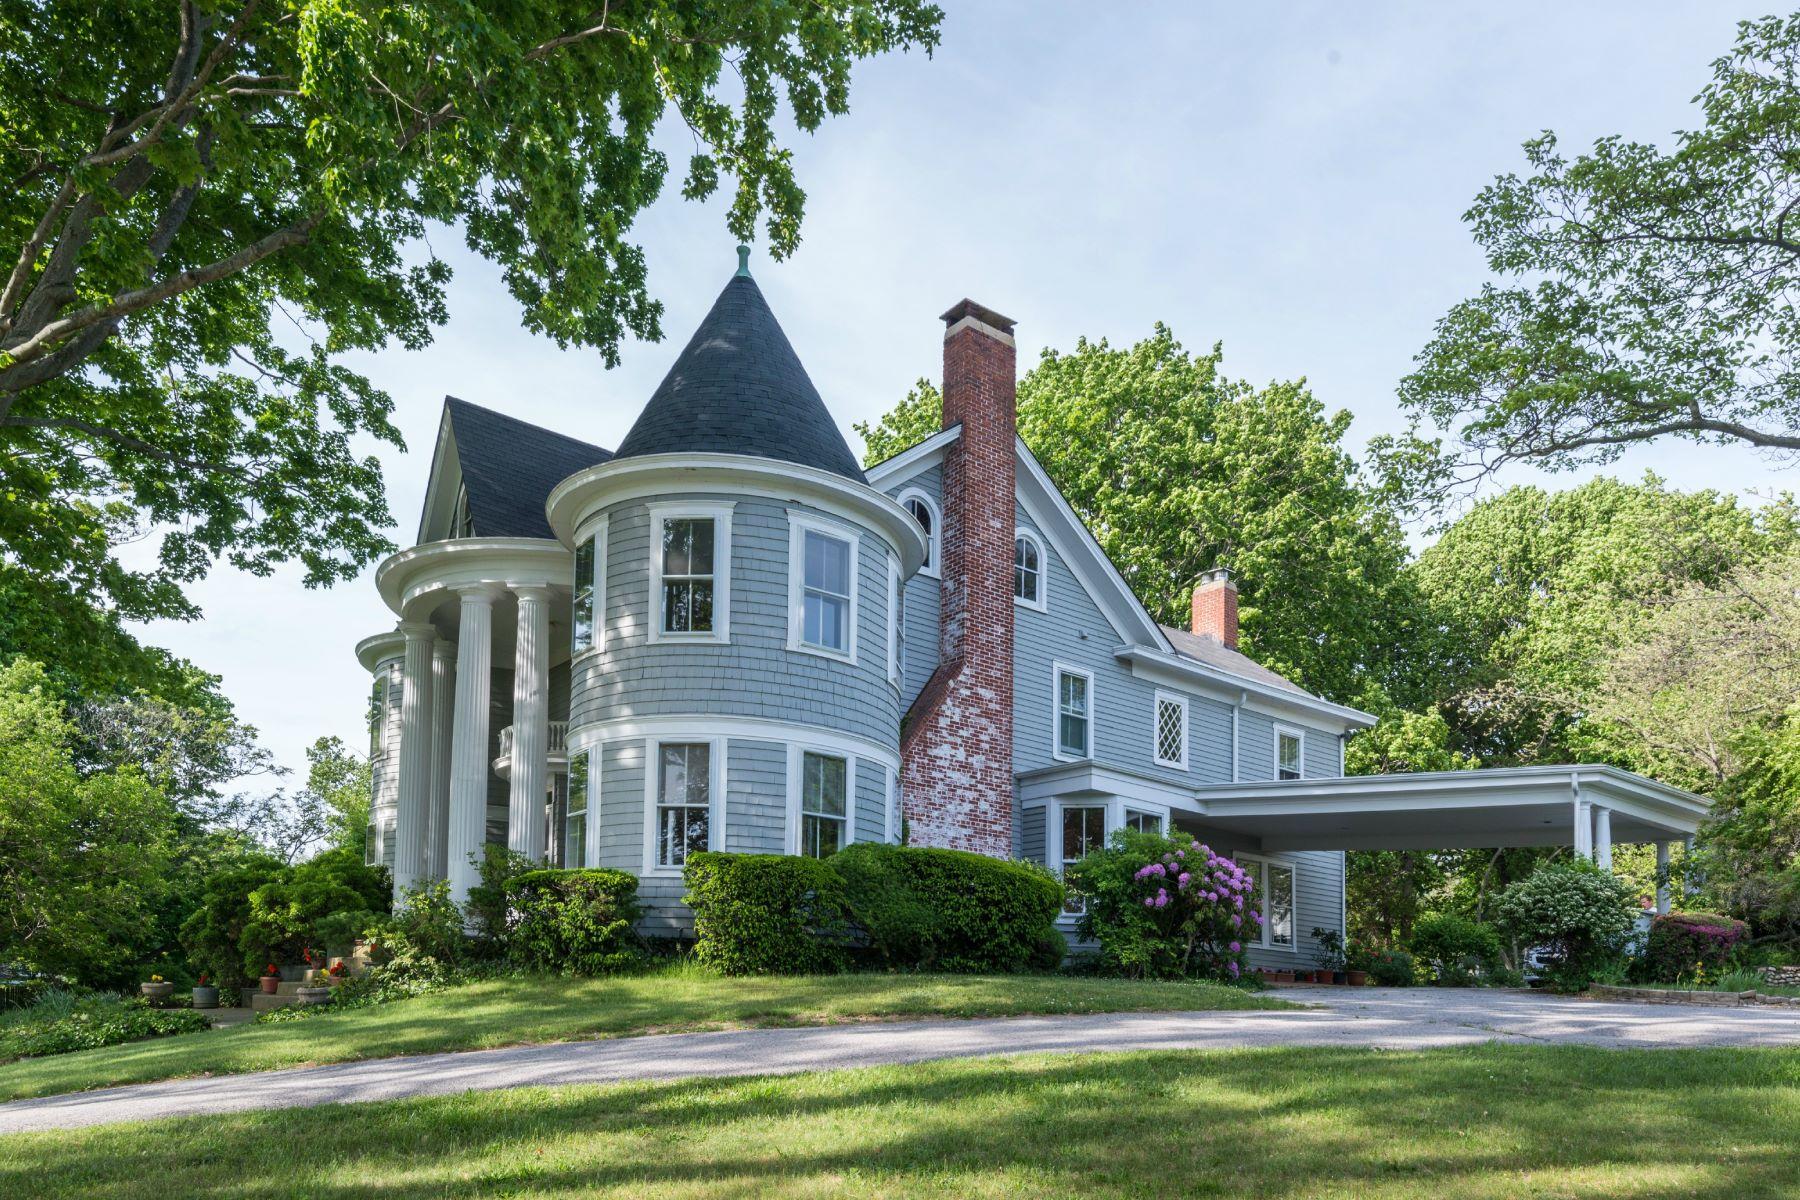 獨棟家庭住宅 為 出售 在 65 Van Brunt Manor Rd , Setauket, NY 11733 65 Van Brunt Manor Rd, Setauket, 紐約州, 11733 美國